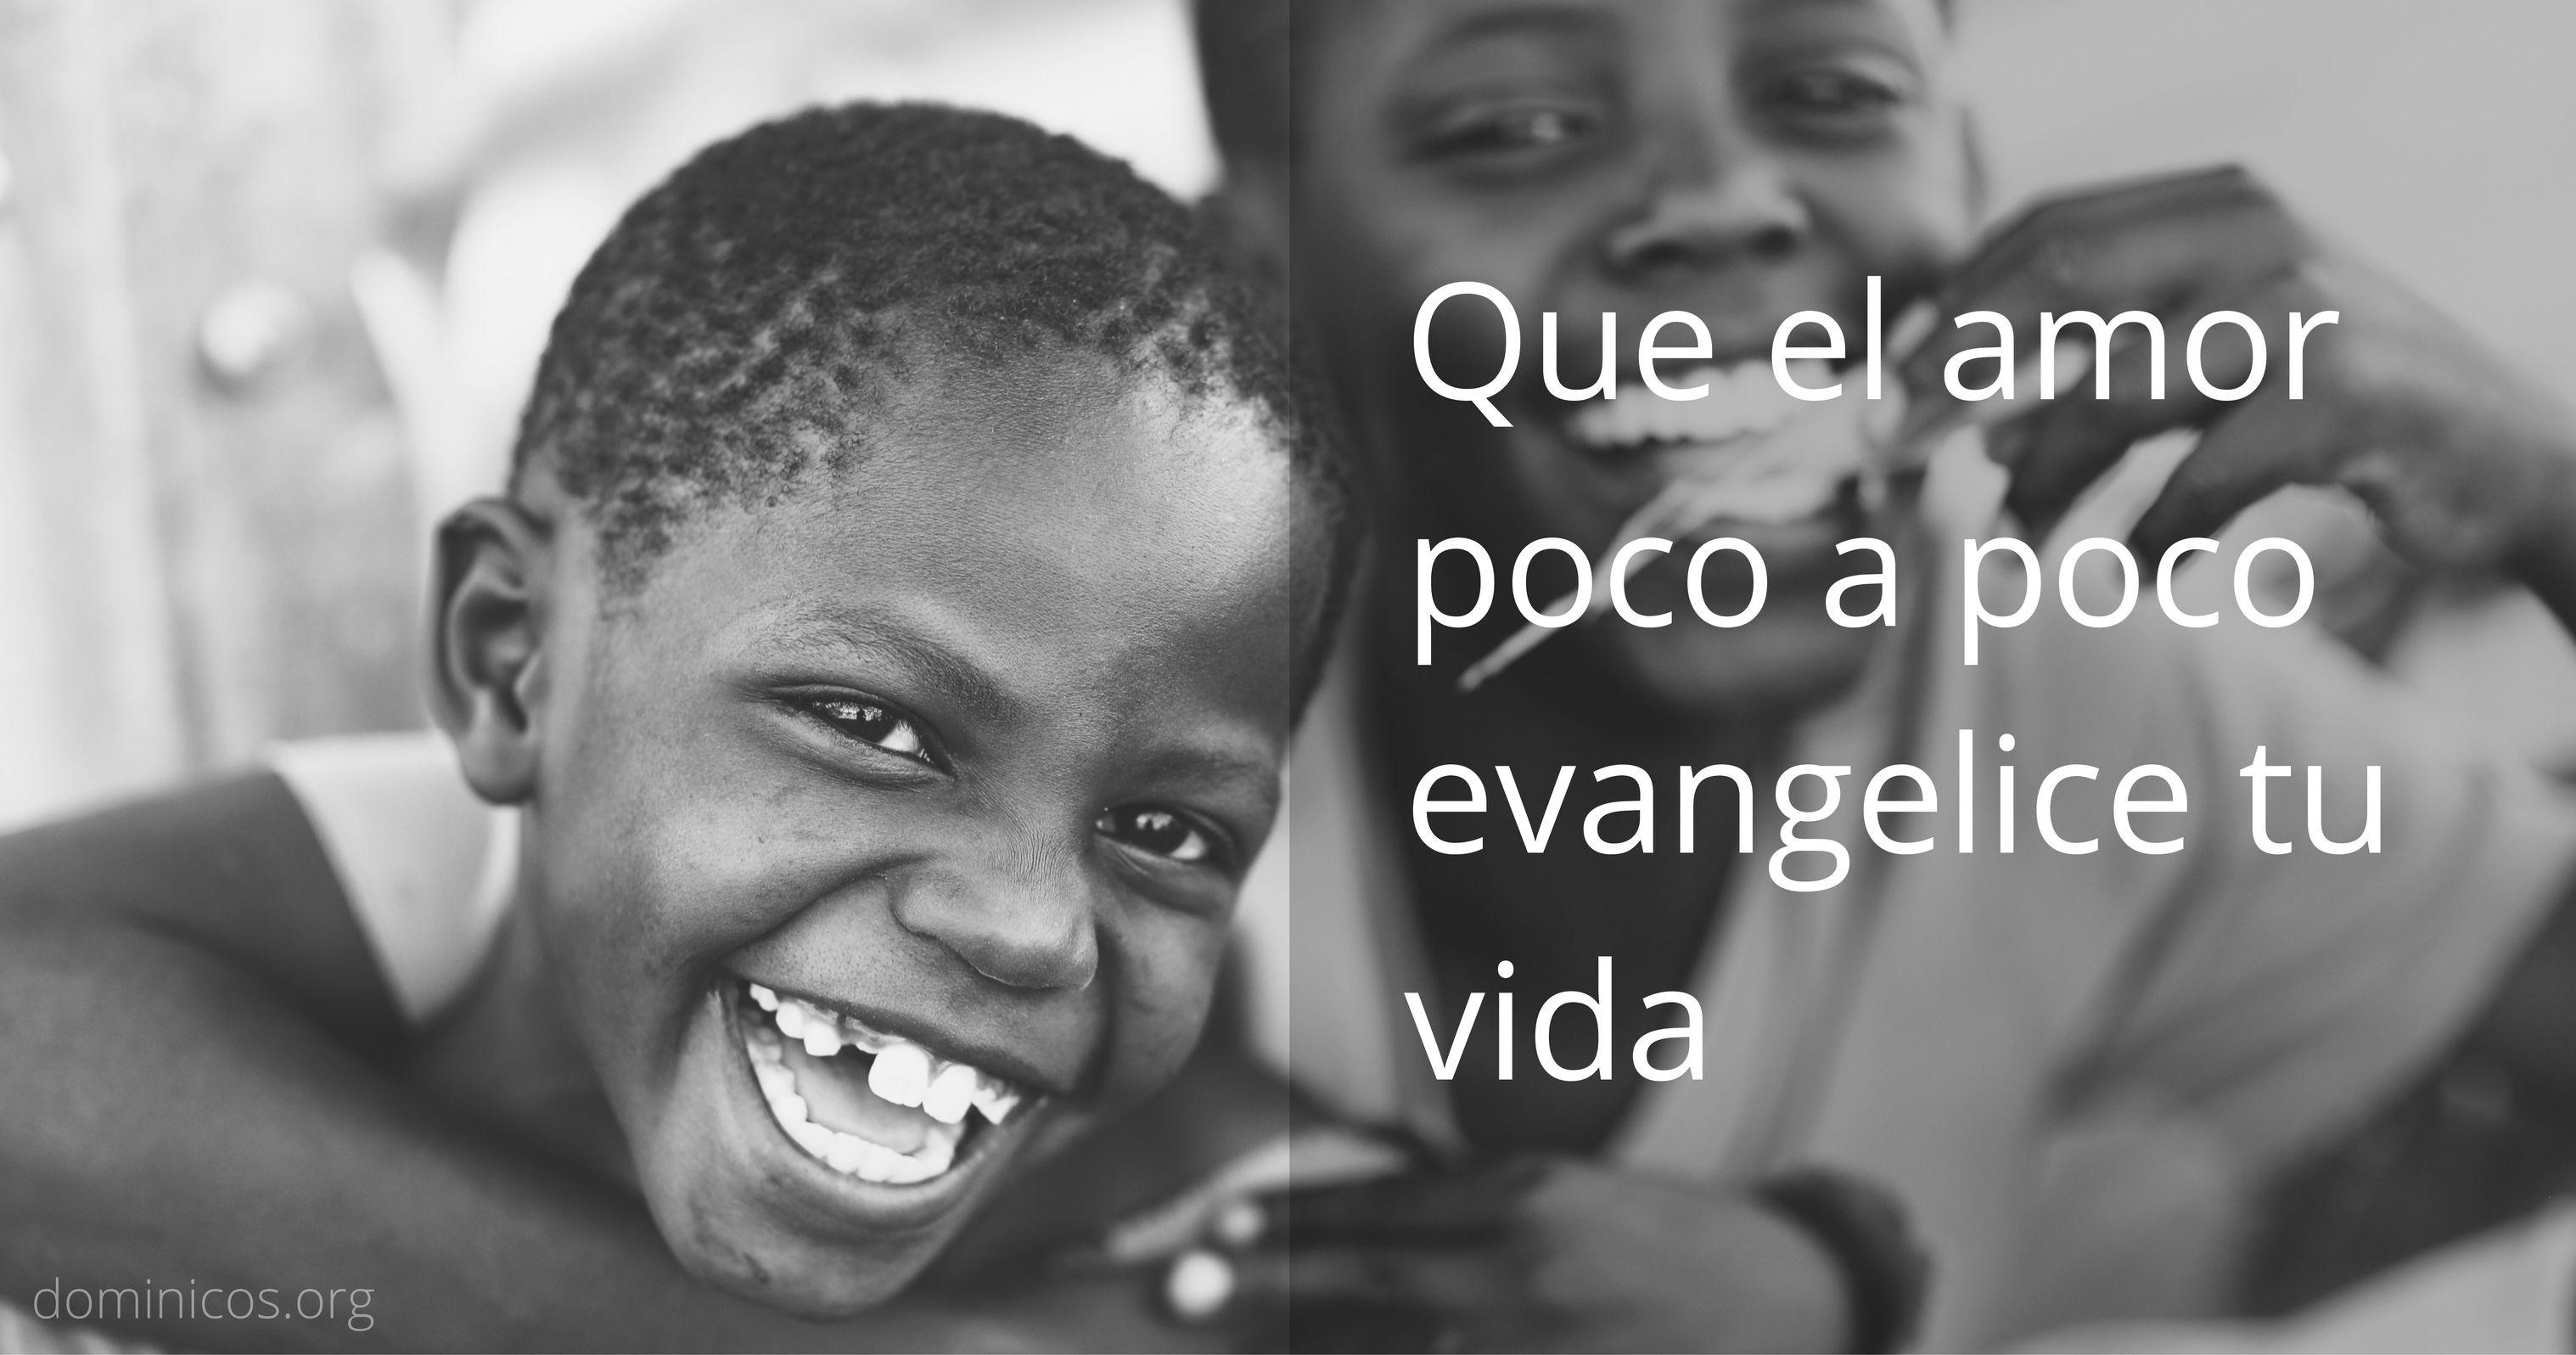 Que el amor poco a poco evangelice tu vida #RetoDelAmor #DominicasLerma goo.gl/482TXf